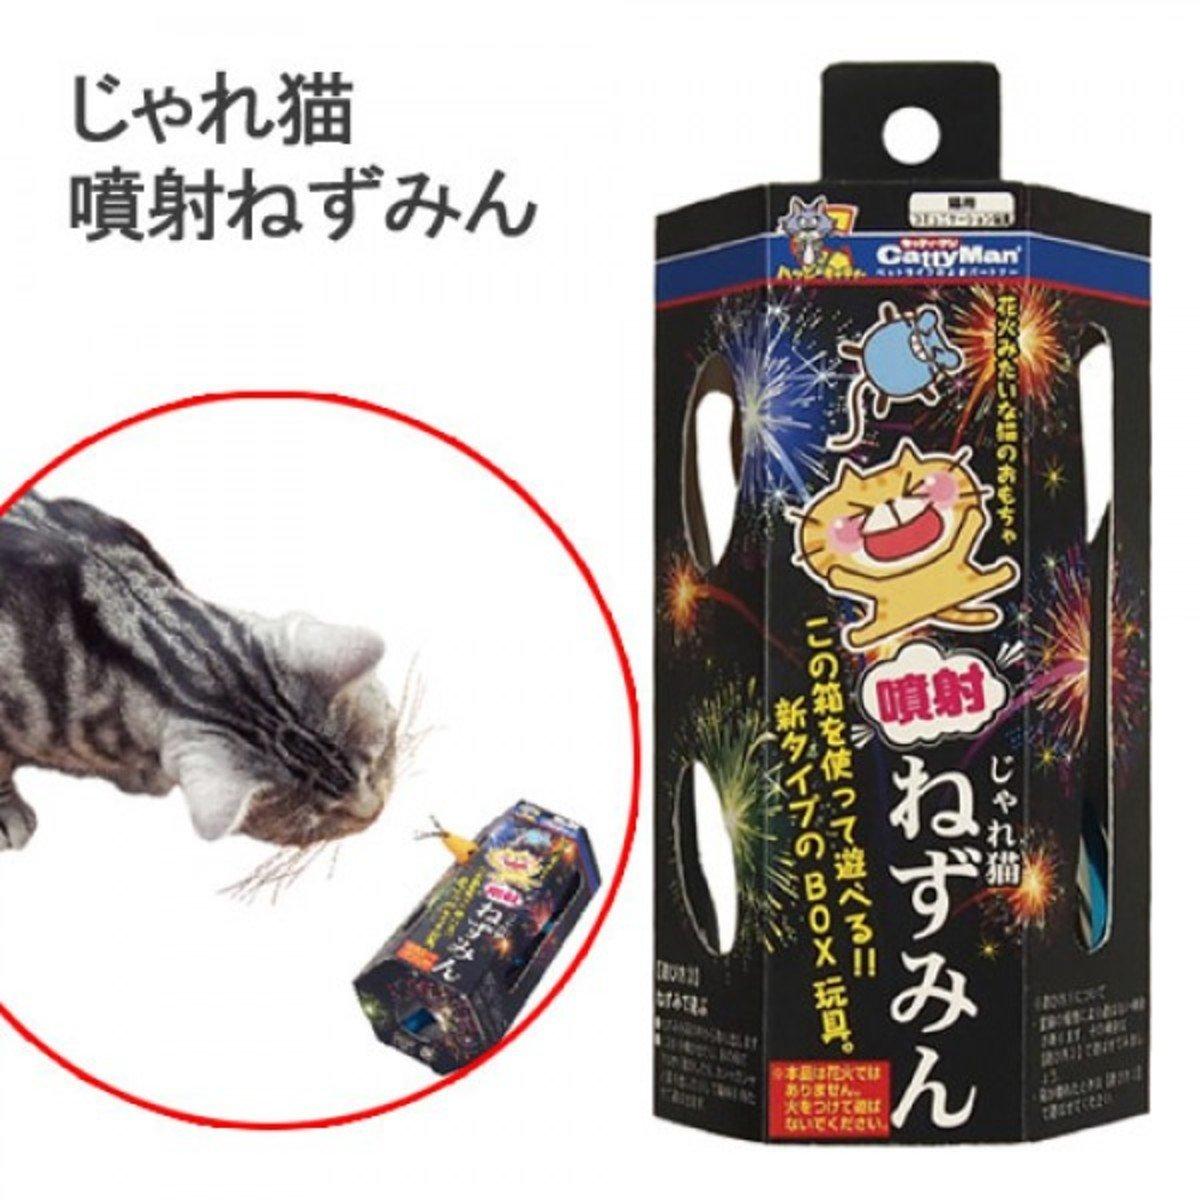 盒裝噴射小老鼠